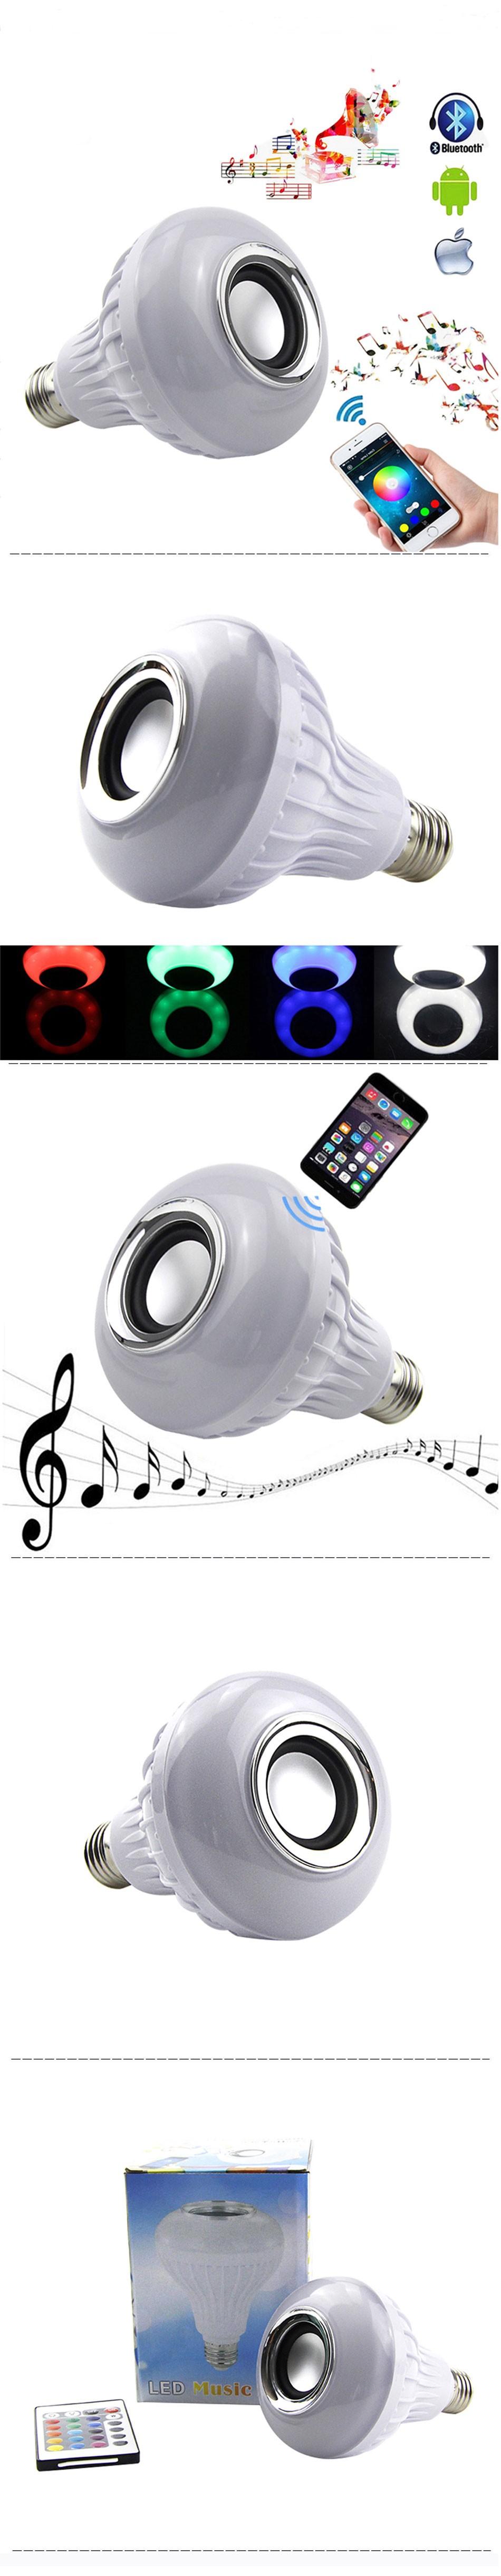 RGBW bluetooth bulb (8)